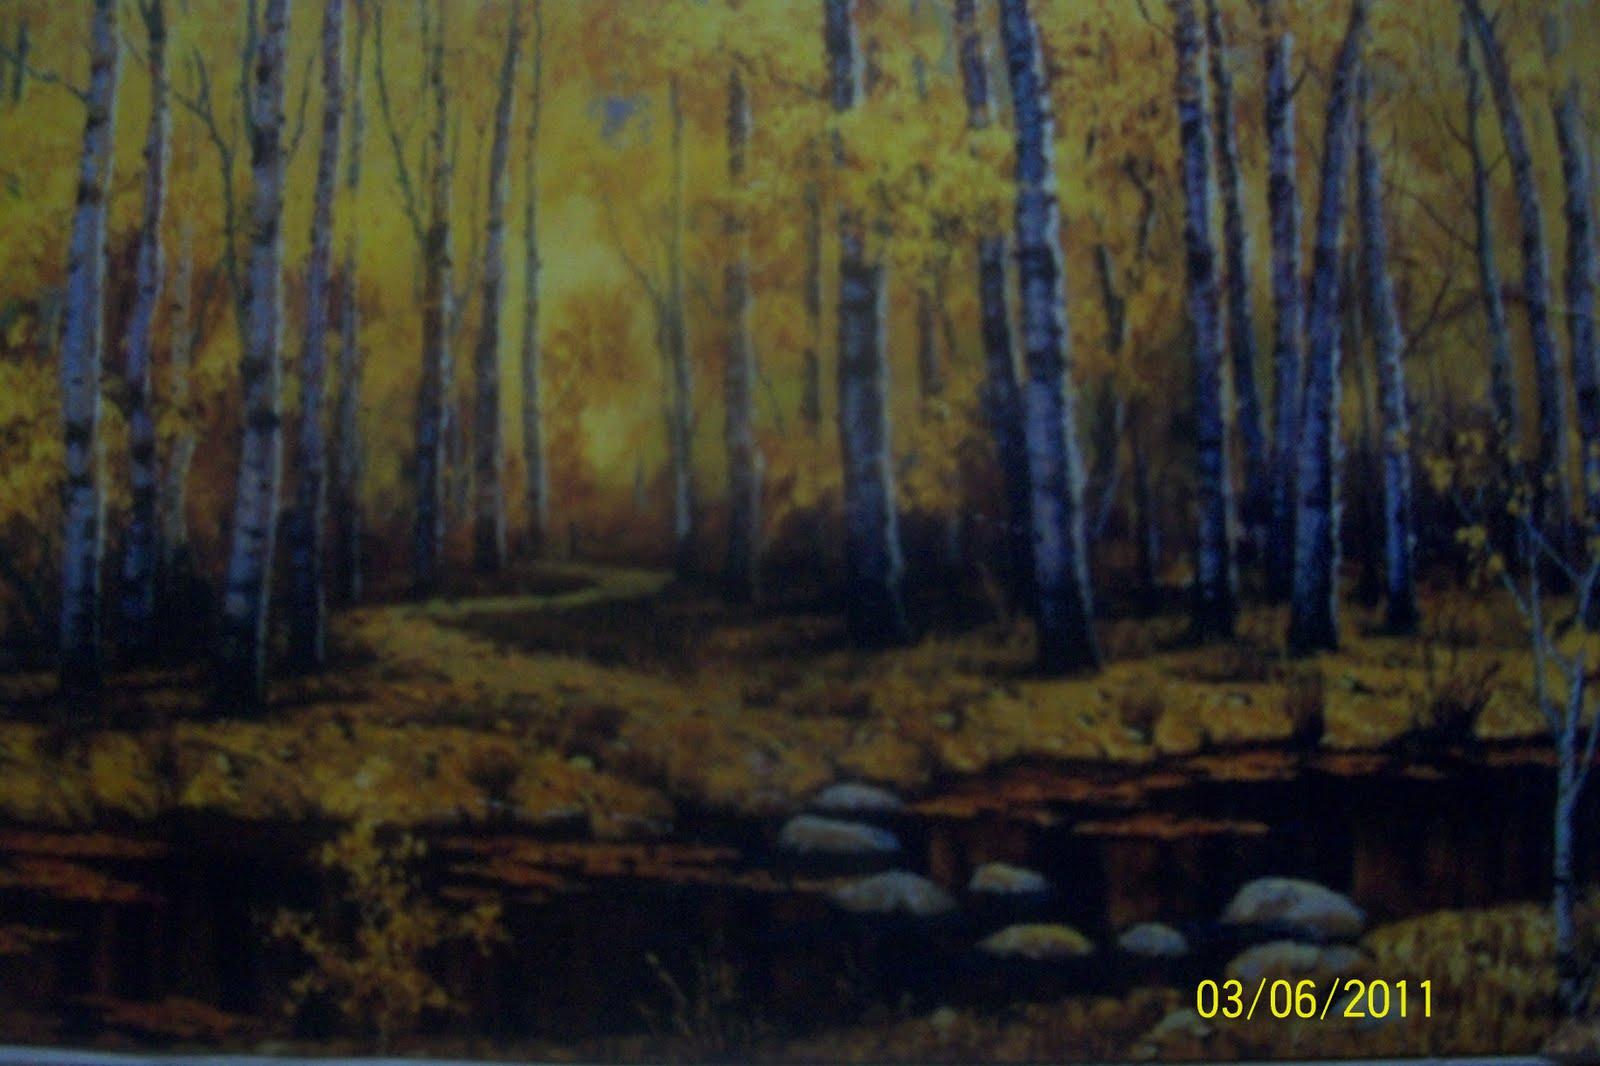 Mural Contoh Lukisan DindingMural